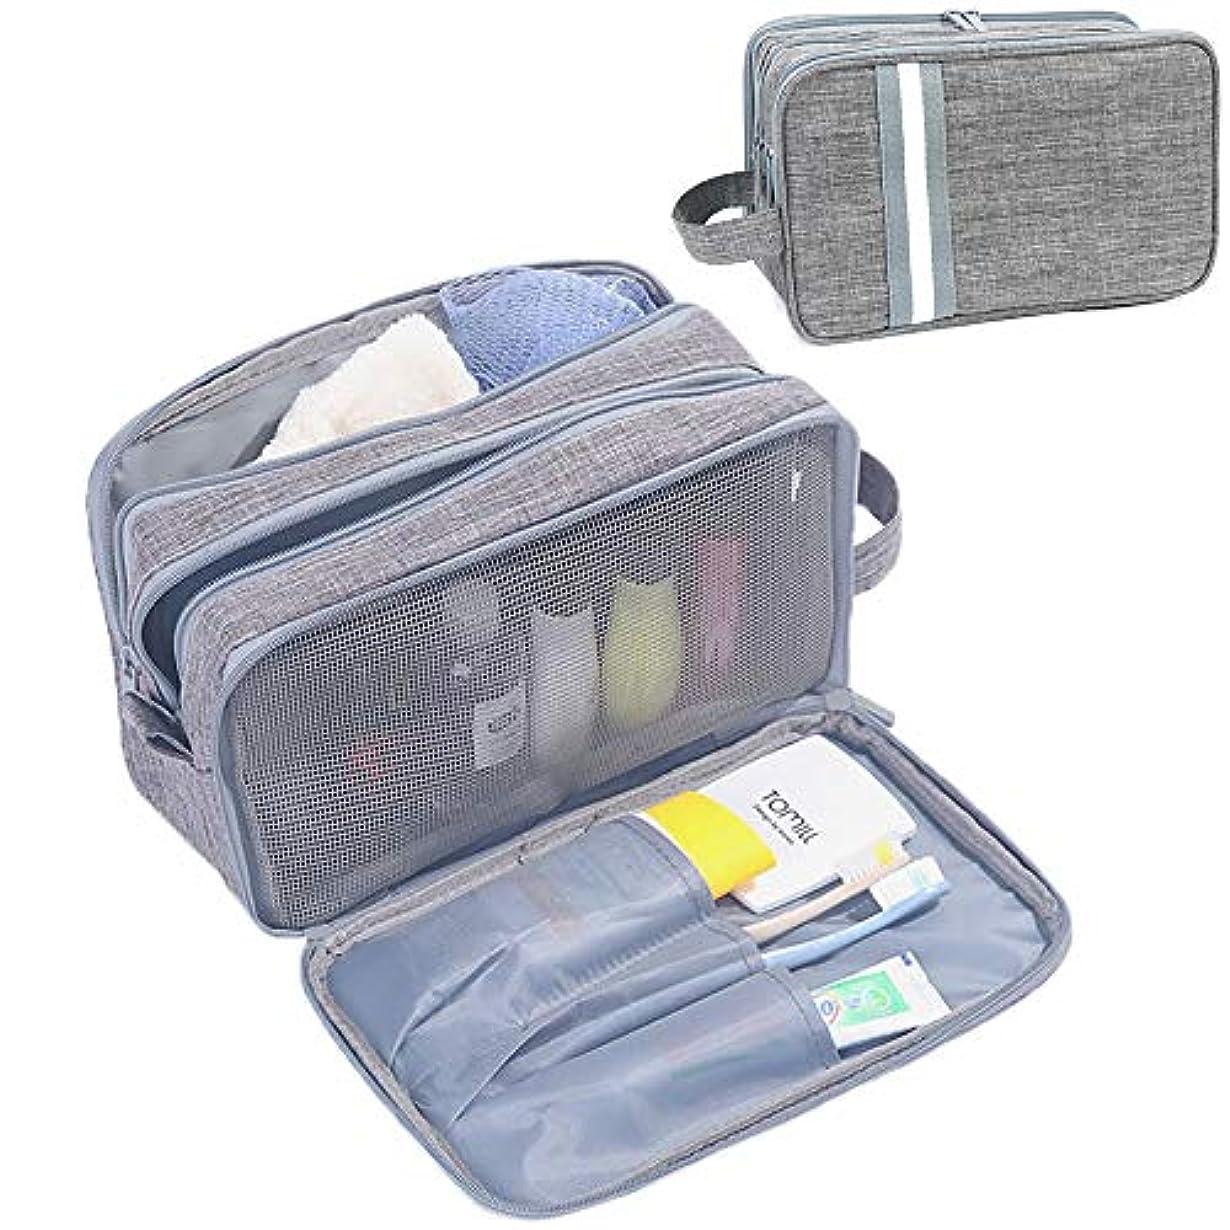 原因渦ポータル化粧ポーチ トラベルポーチ ウォッシュバッグ 旅行用収納バッグ 旅行グッズ 化粧品バッグ 乾湿両用大容量ハンドバッグ 出張 海外 旅行 男女兼用